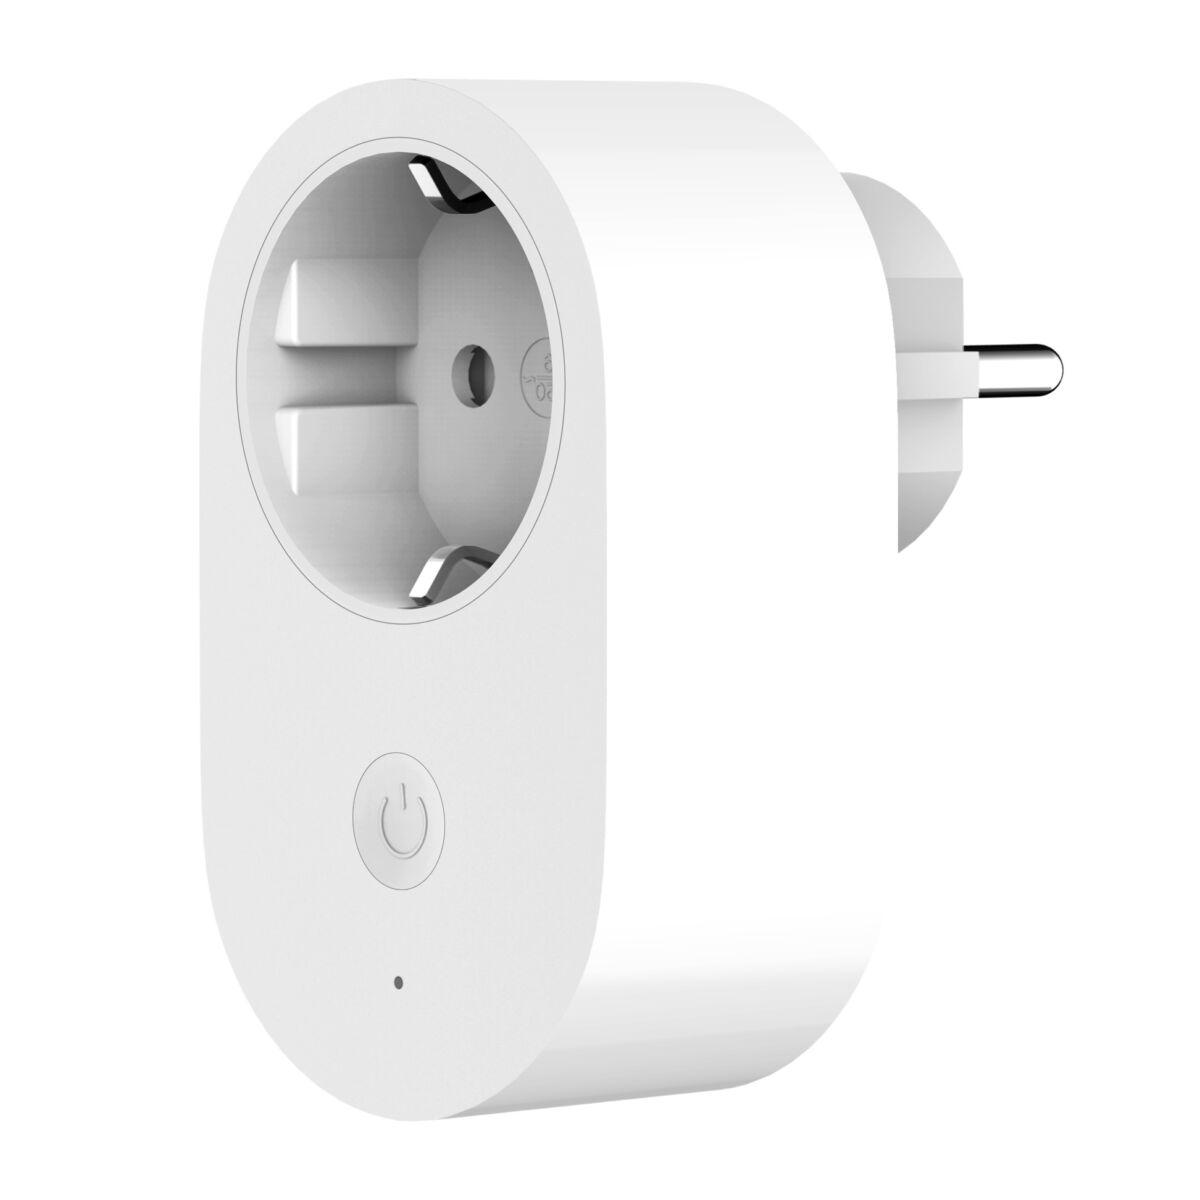 Xiaomi Smart Plug (Wi-Fi), intelligens aljzat, fehér, EU, GMR4015GL